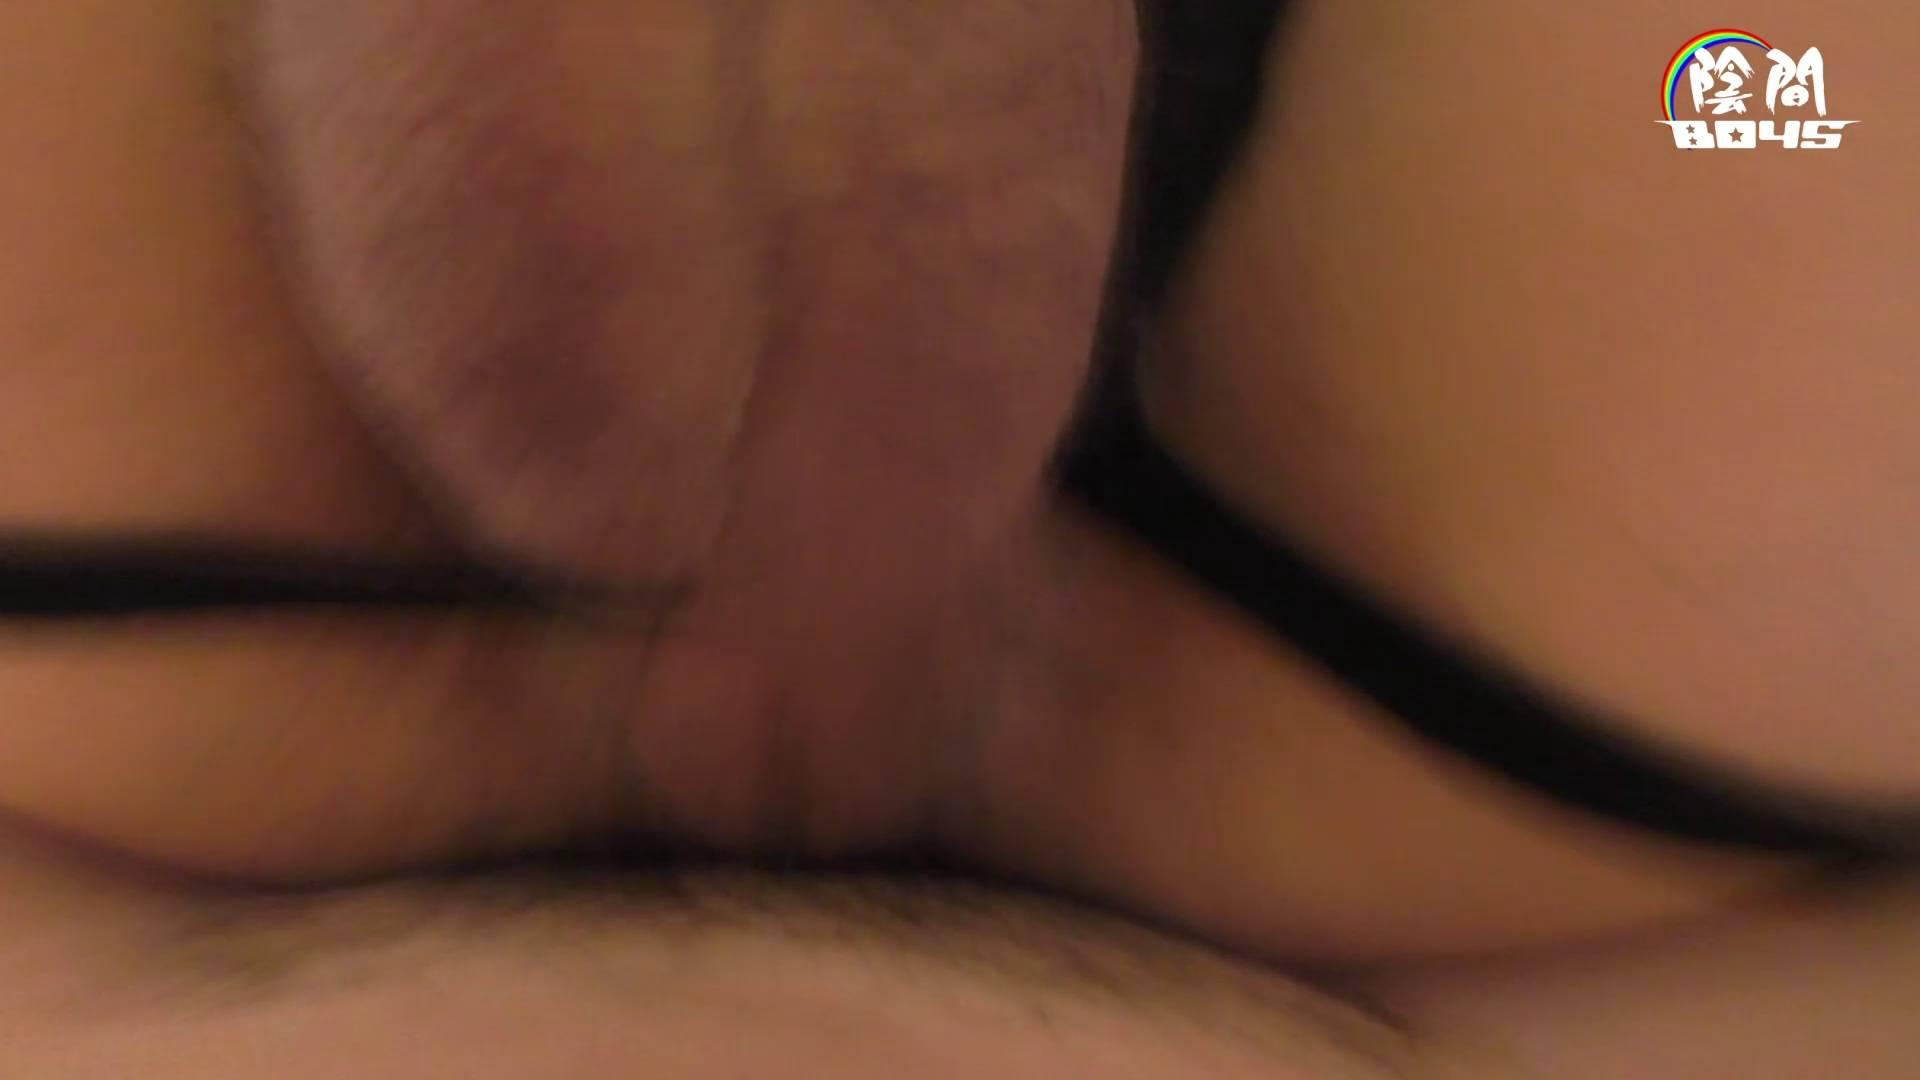 アナルで営業ワン・ツー・ スリーpart2 Vol.5 フェラ天国 ゲイAV画像 78pic 44